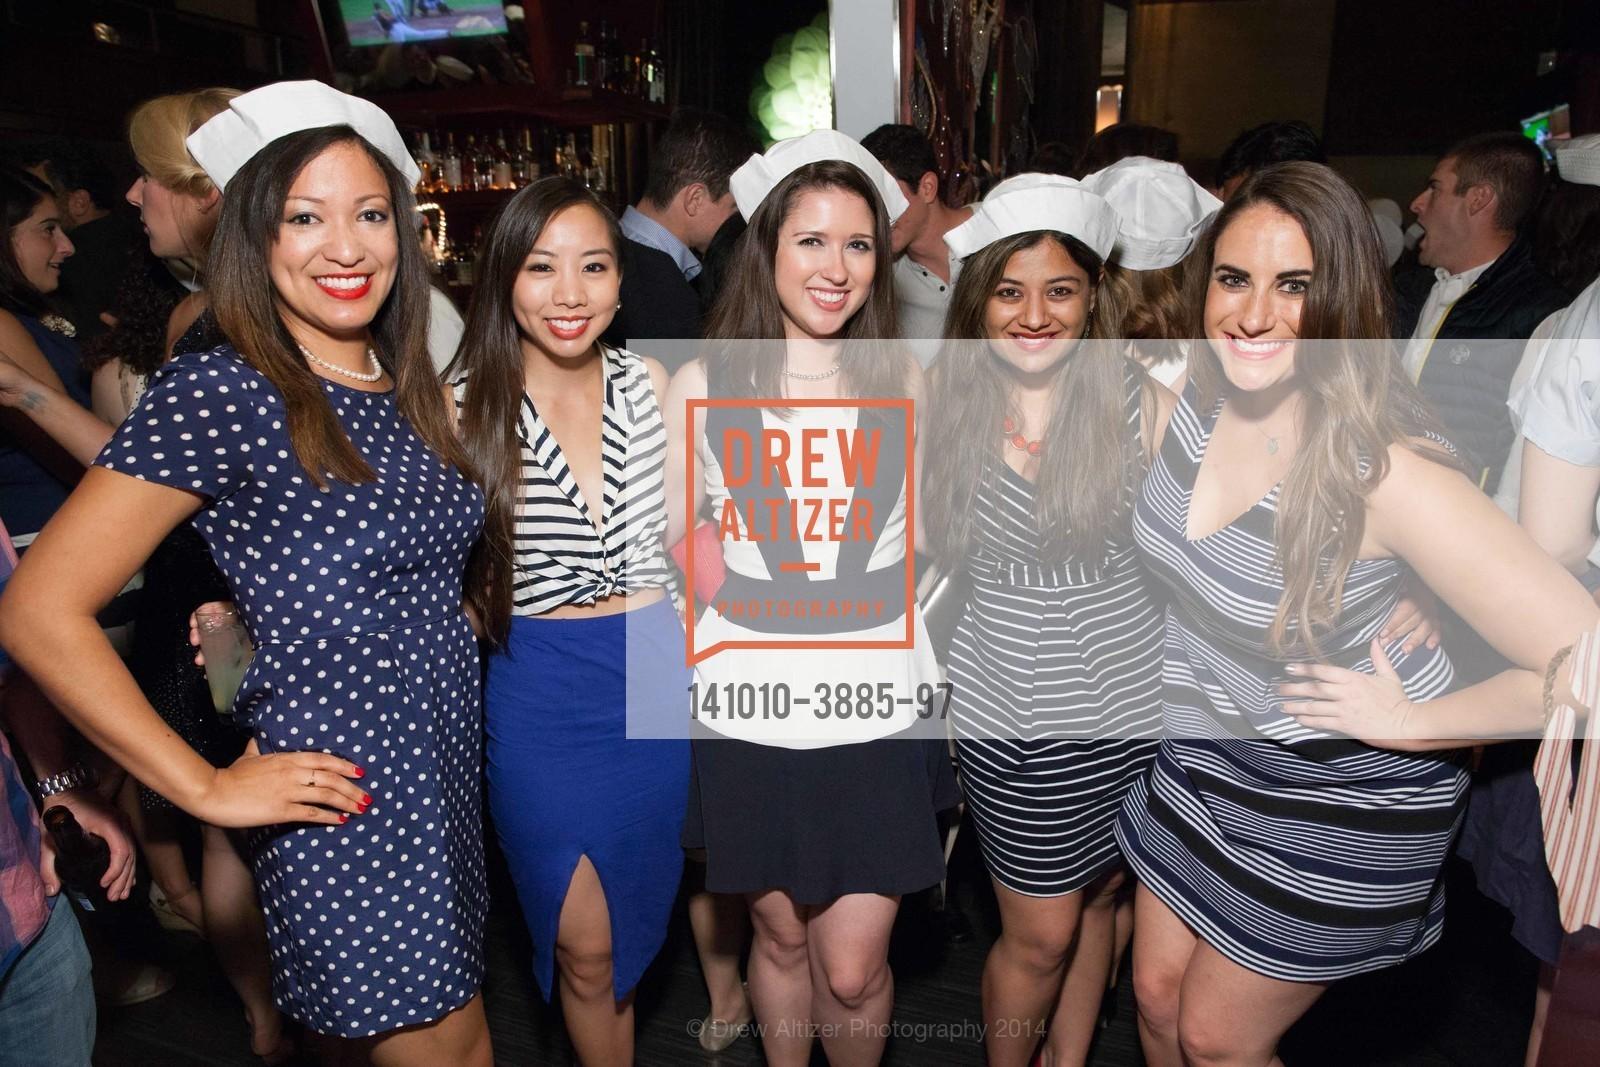 Mia Lee, Eileen Chou, Libby Hall, Priya Saiprasad, Kathleen Robert, Photo #141010-3885-97